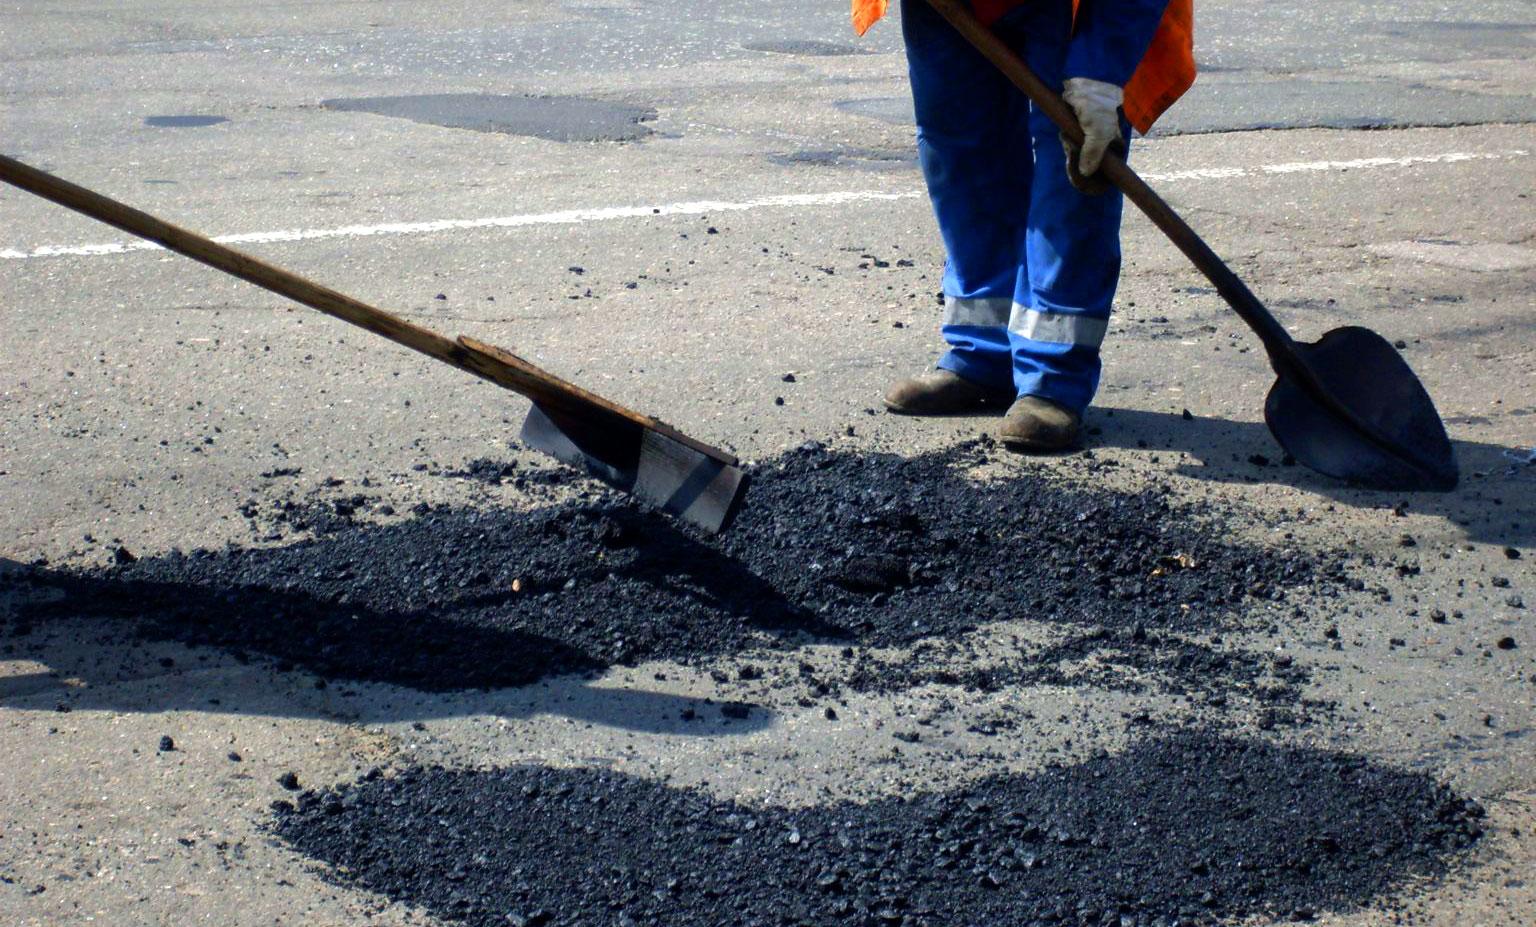 Симферопольские власти анонсировали начало ремонта дорожного полотна на двух улицах города